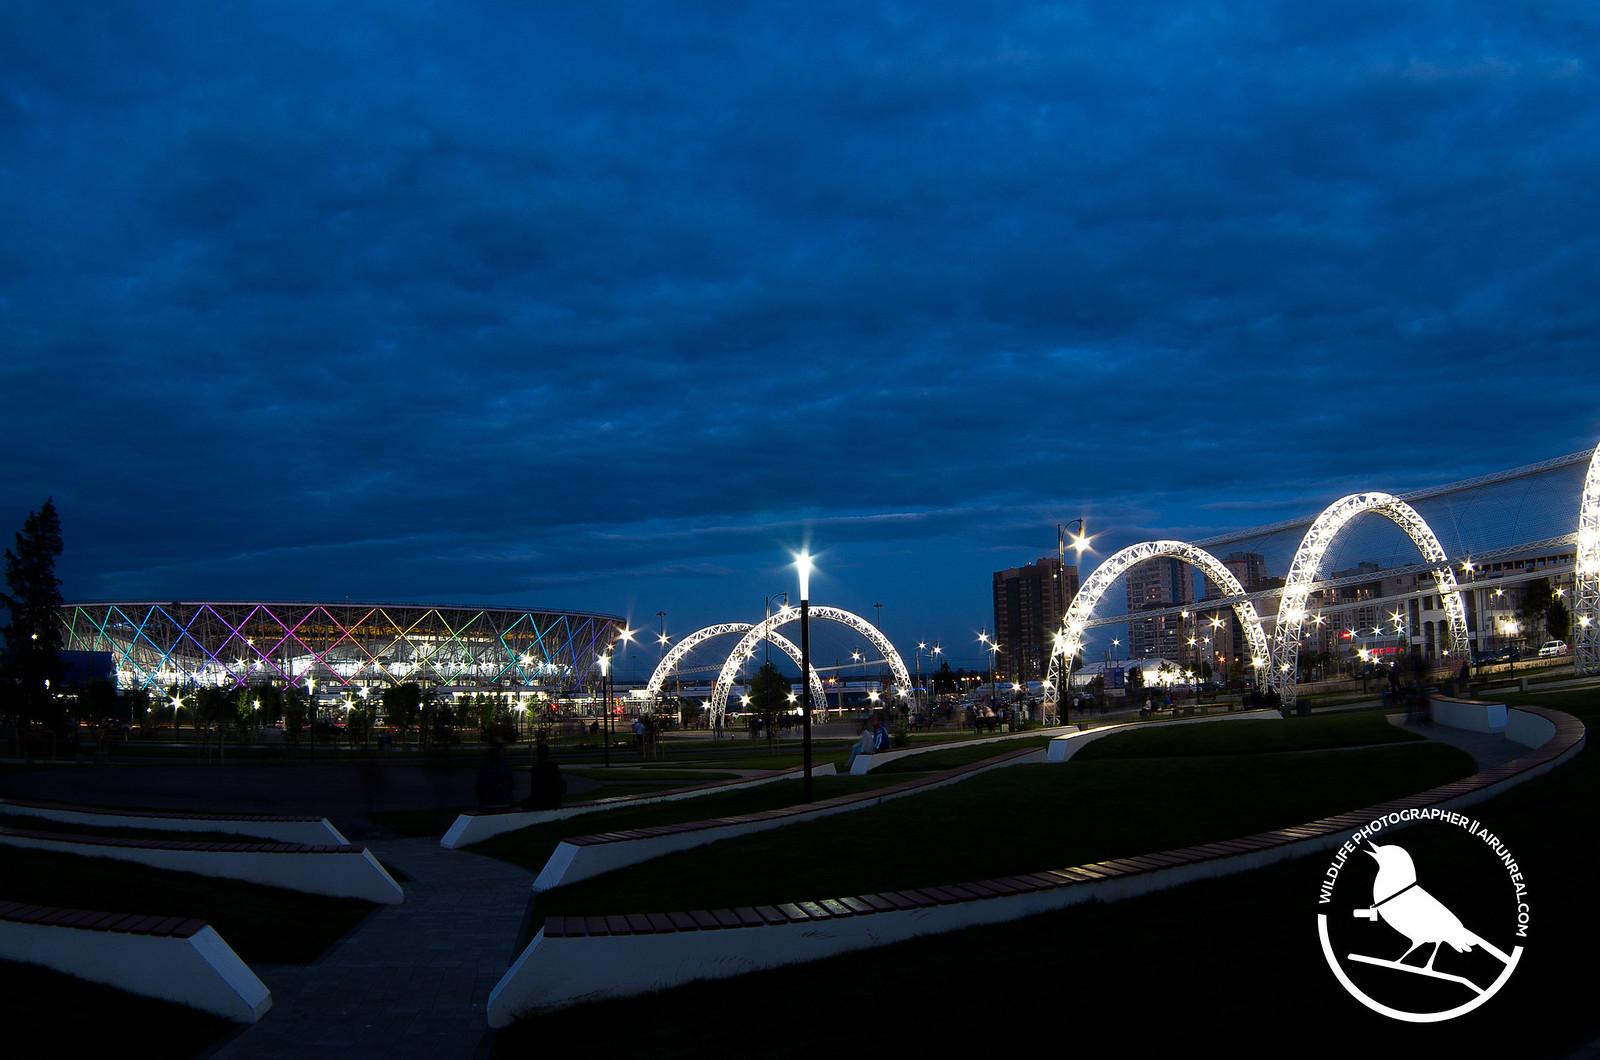 Volgograd arena // FIFA2018 World Cup // 20180614